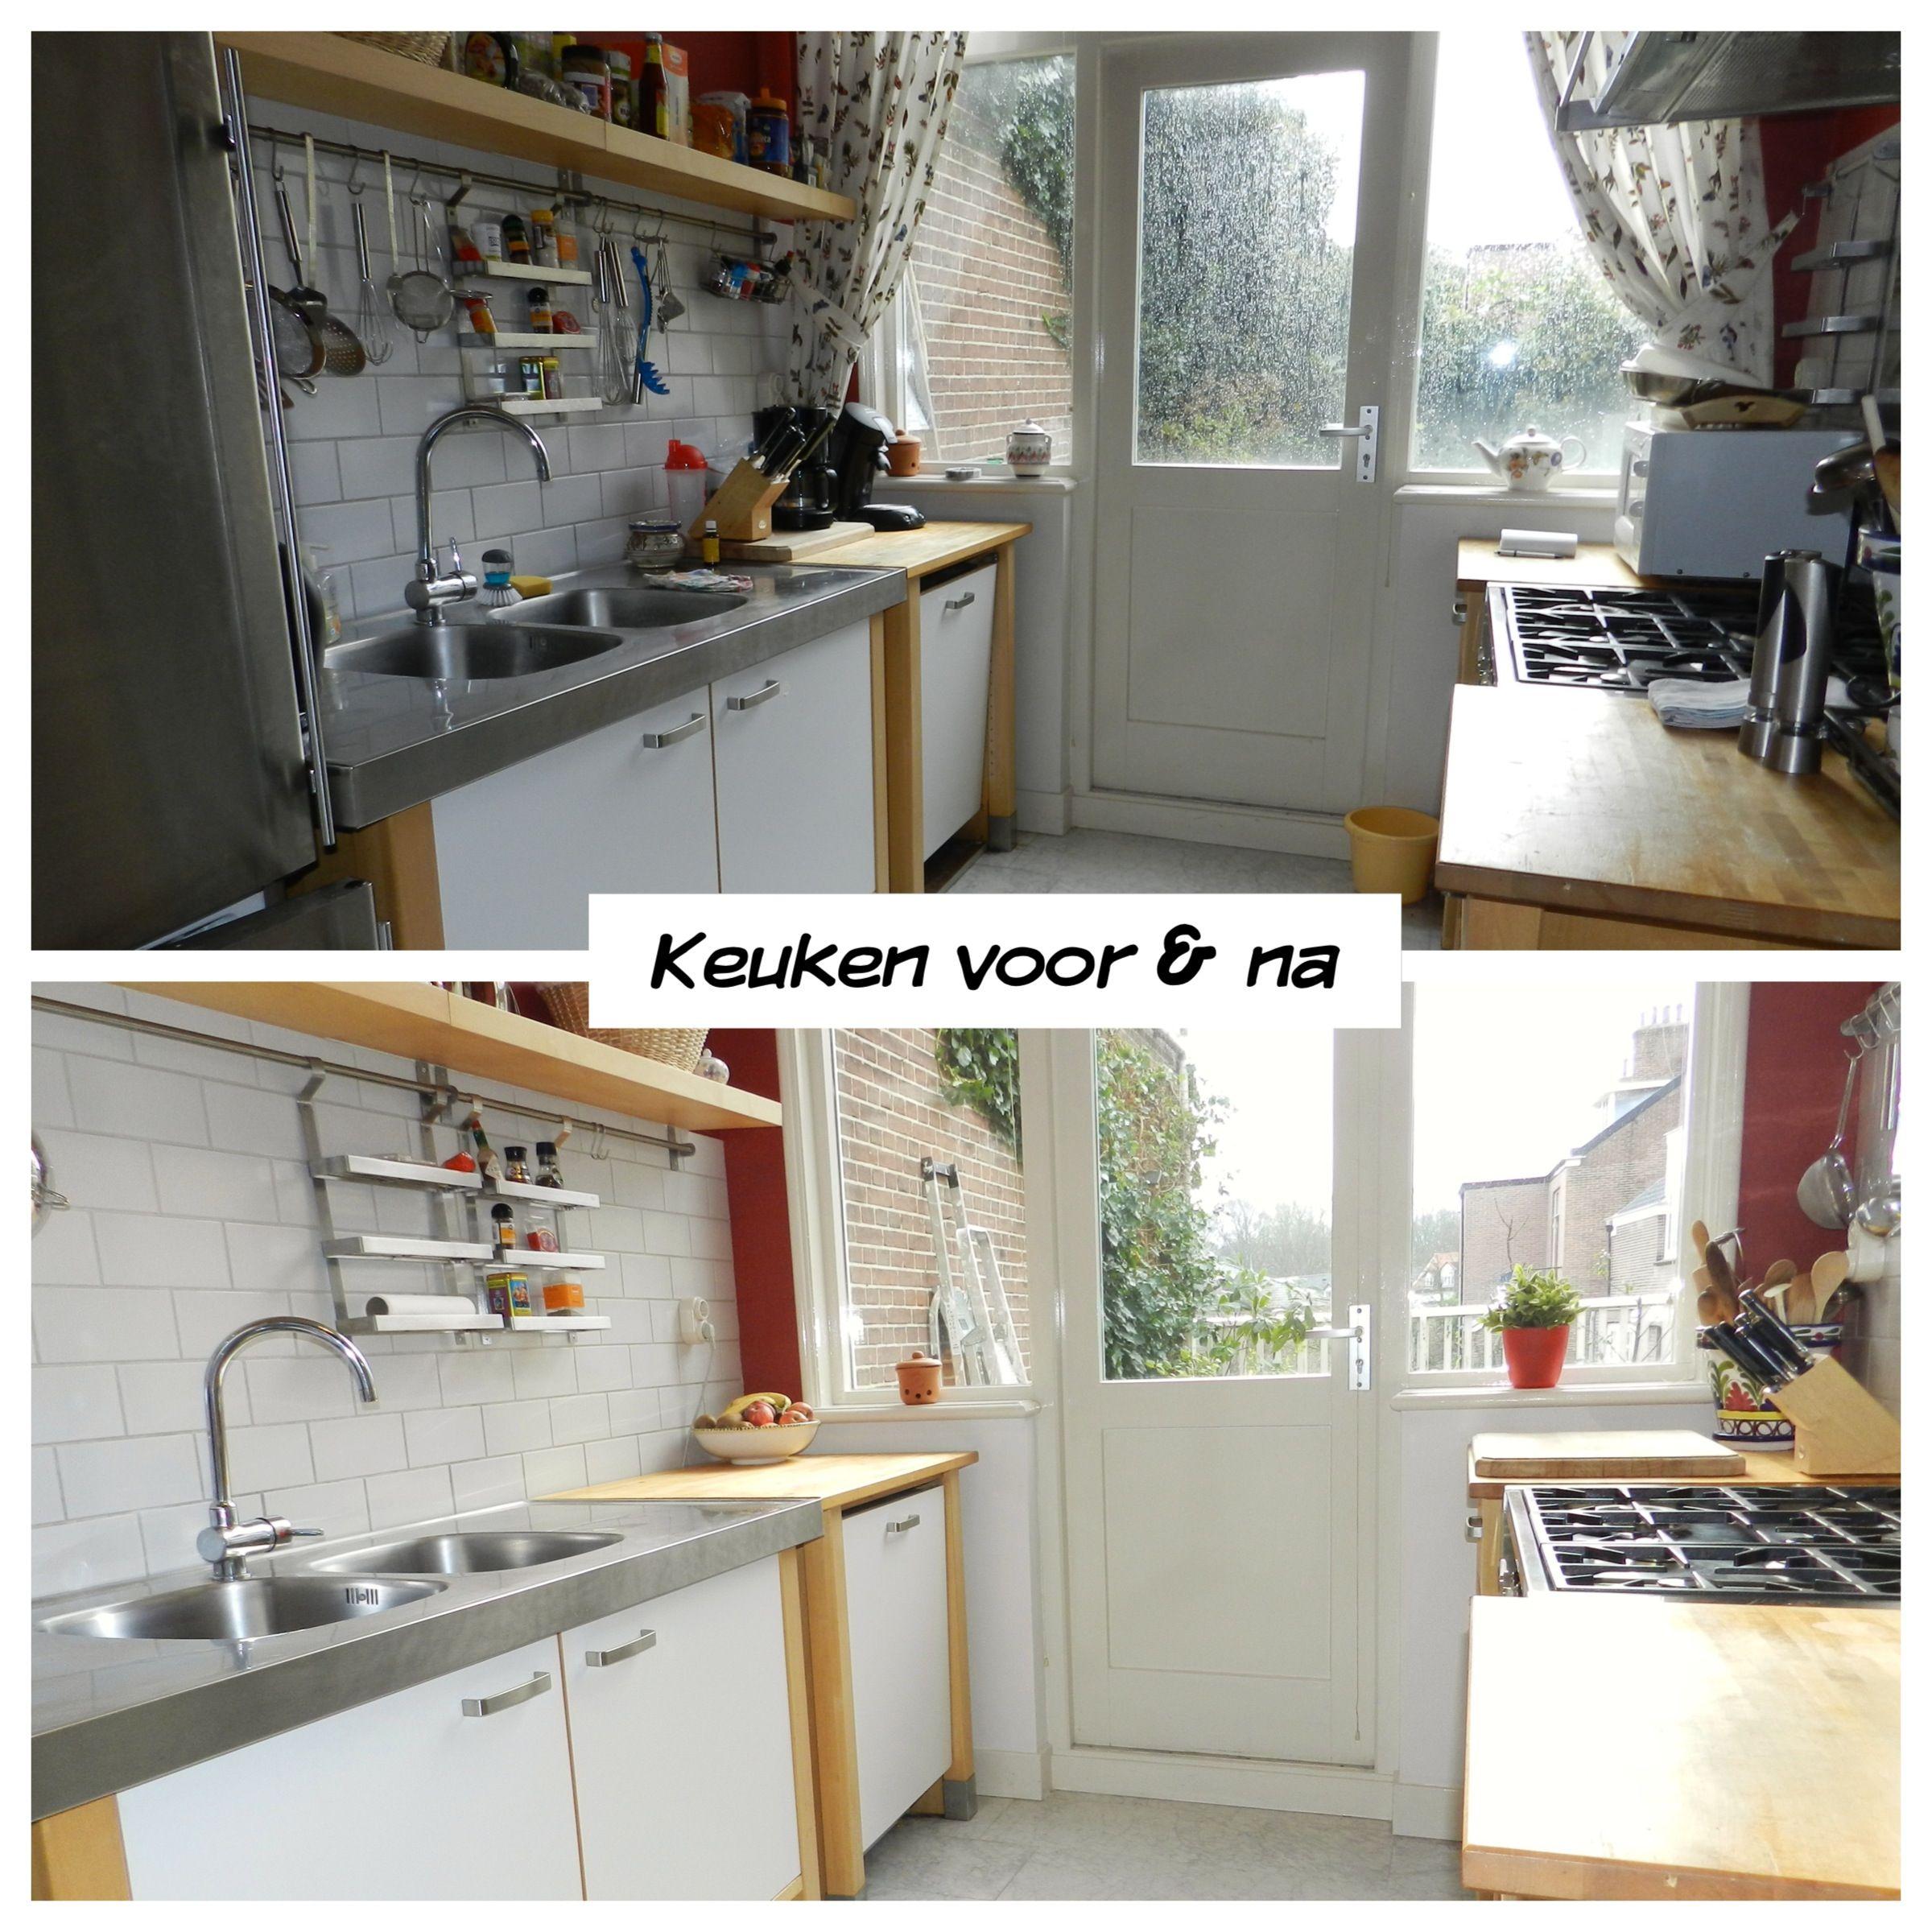 Rommelige keuken, toont klein en onoverzichtelijk. Gordijnen ...